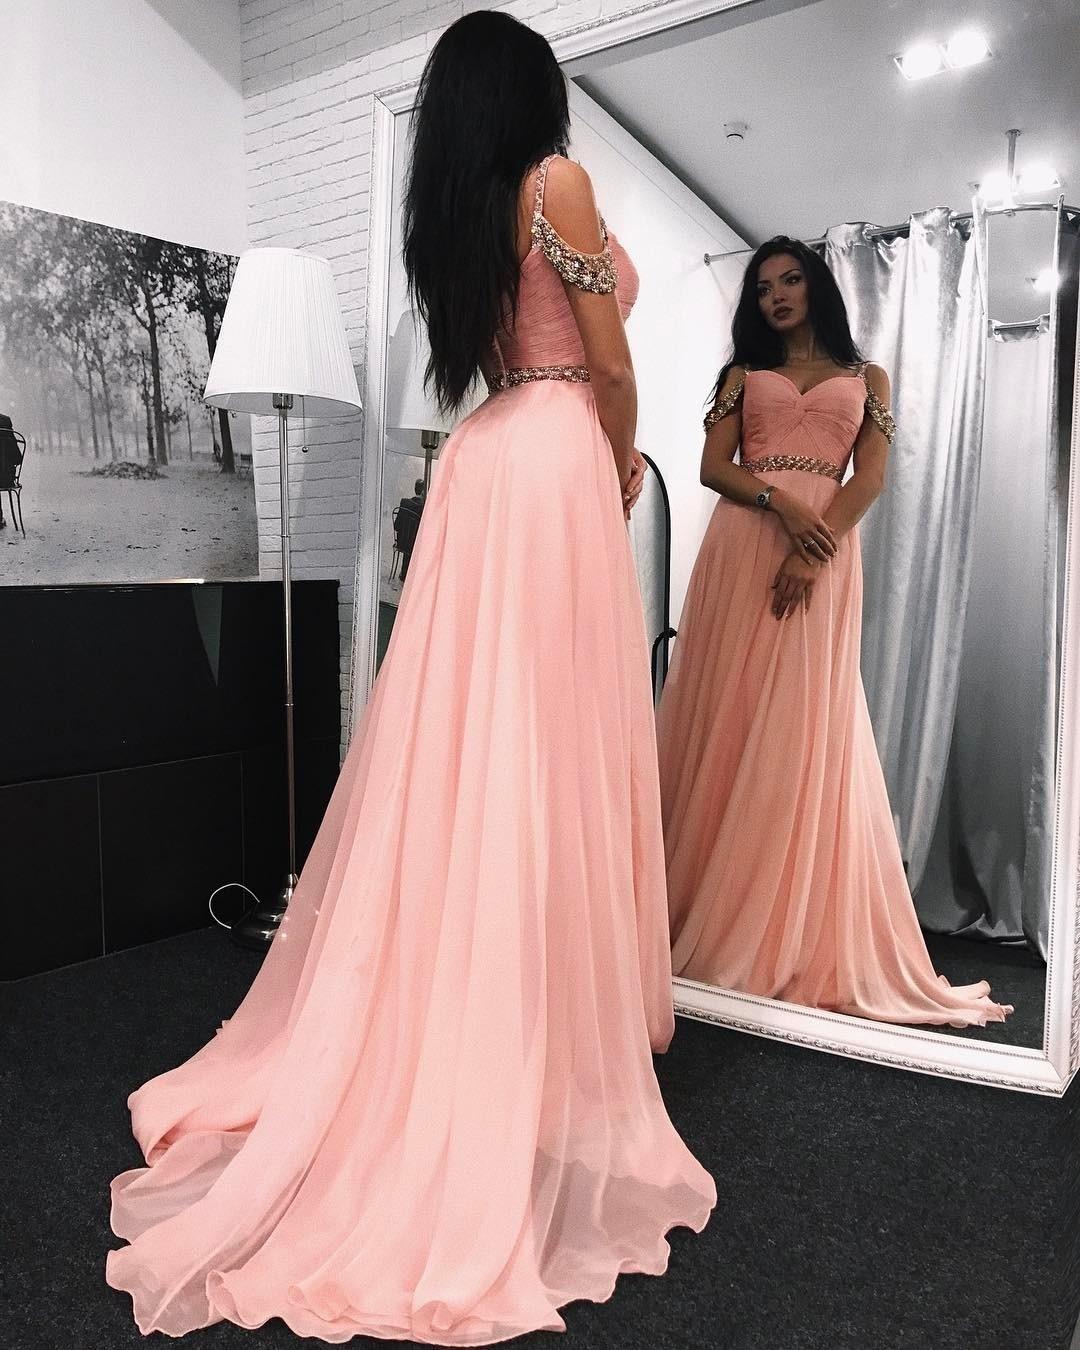 15 Einfach Abschlussballkleider Lang Stylish - Abendkleid